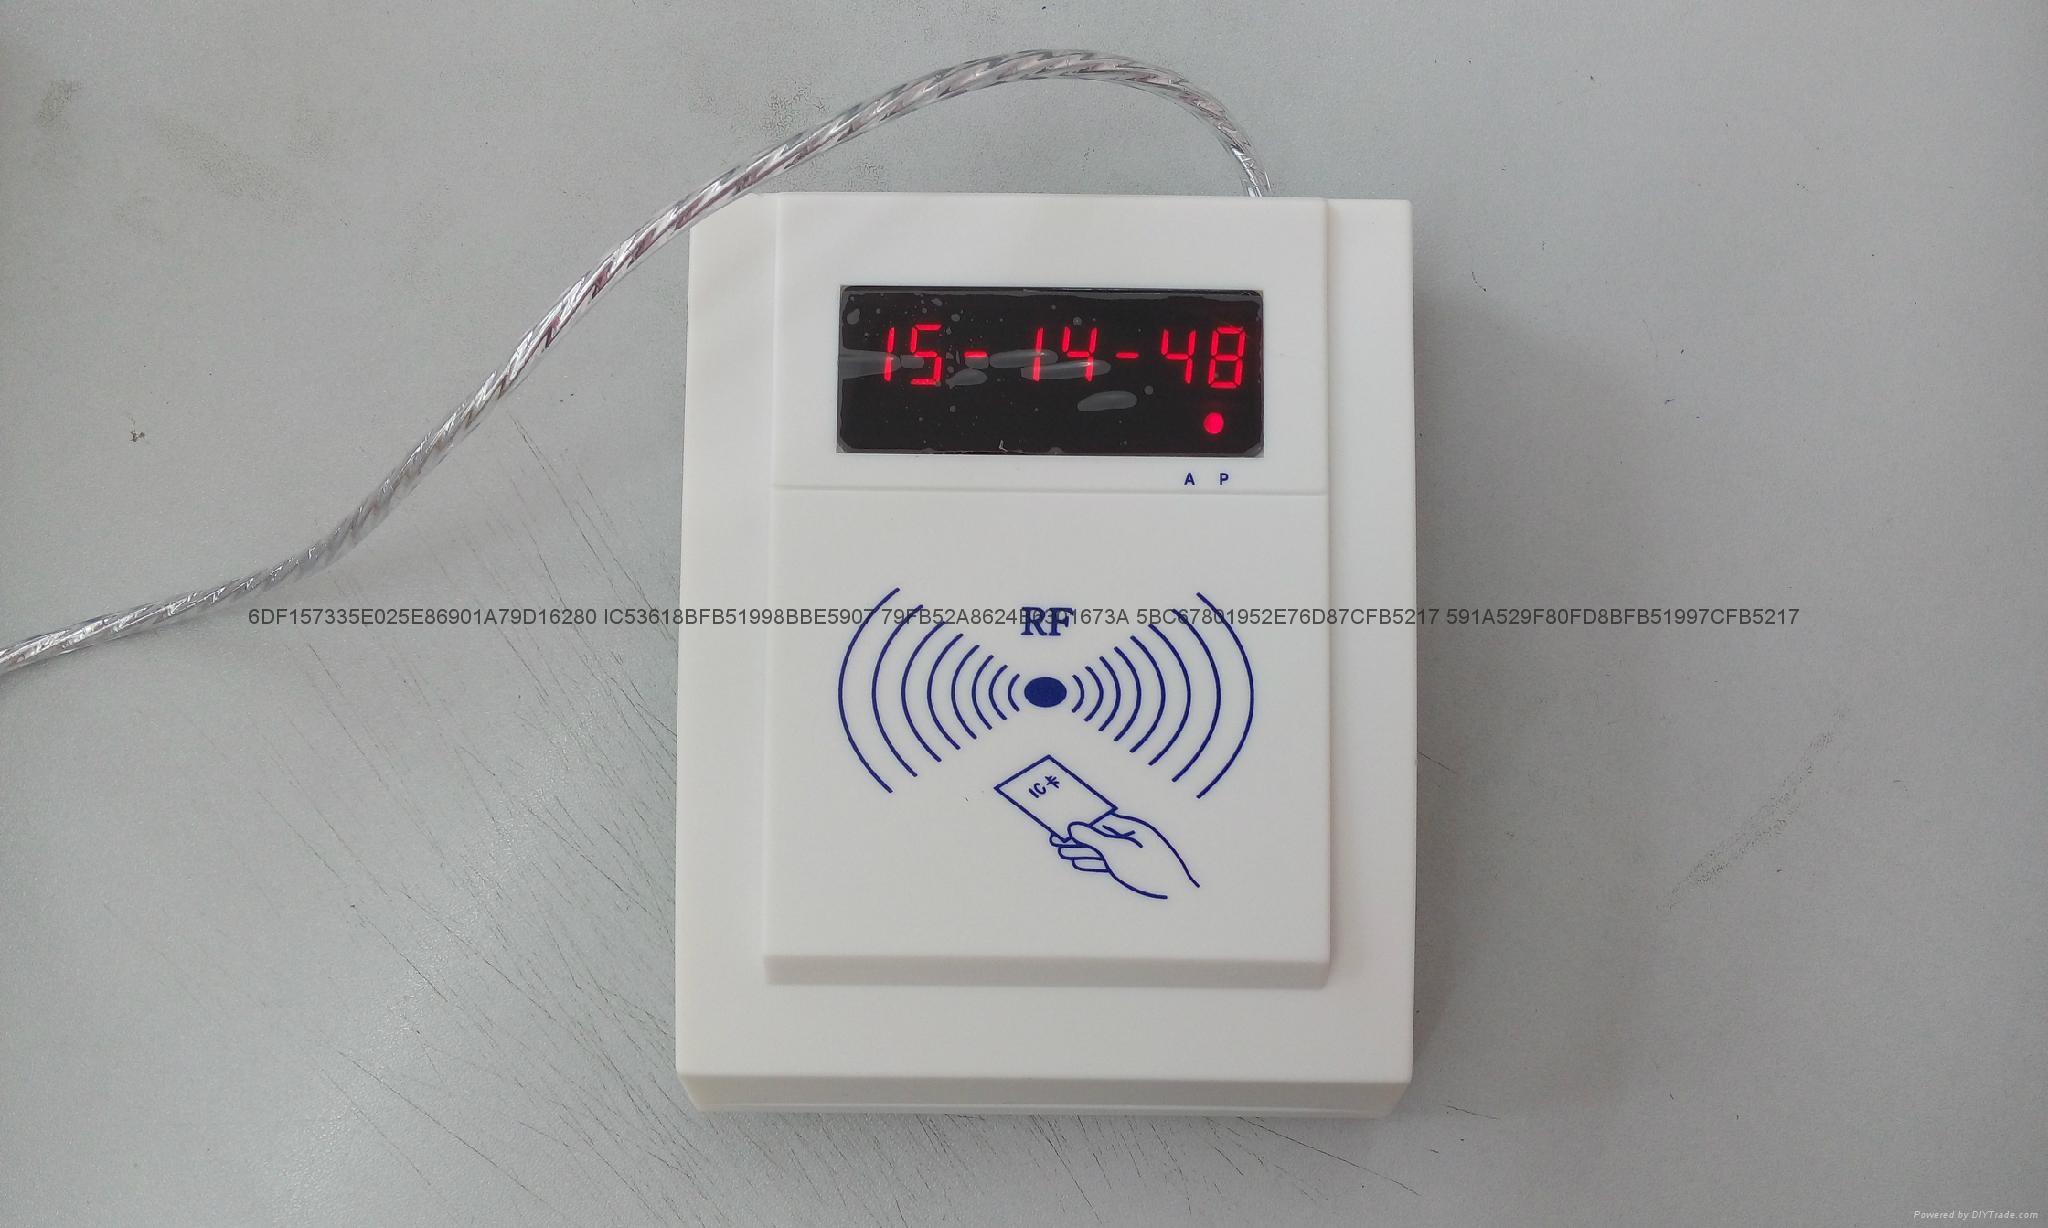 慶通供應 RF500-MEM接觸和非接觸二合一IC卡讀寫設備廠家 3